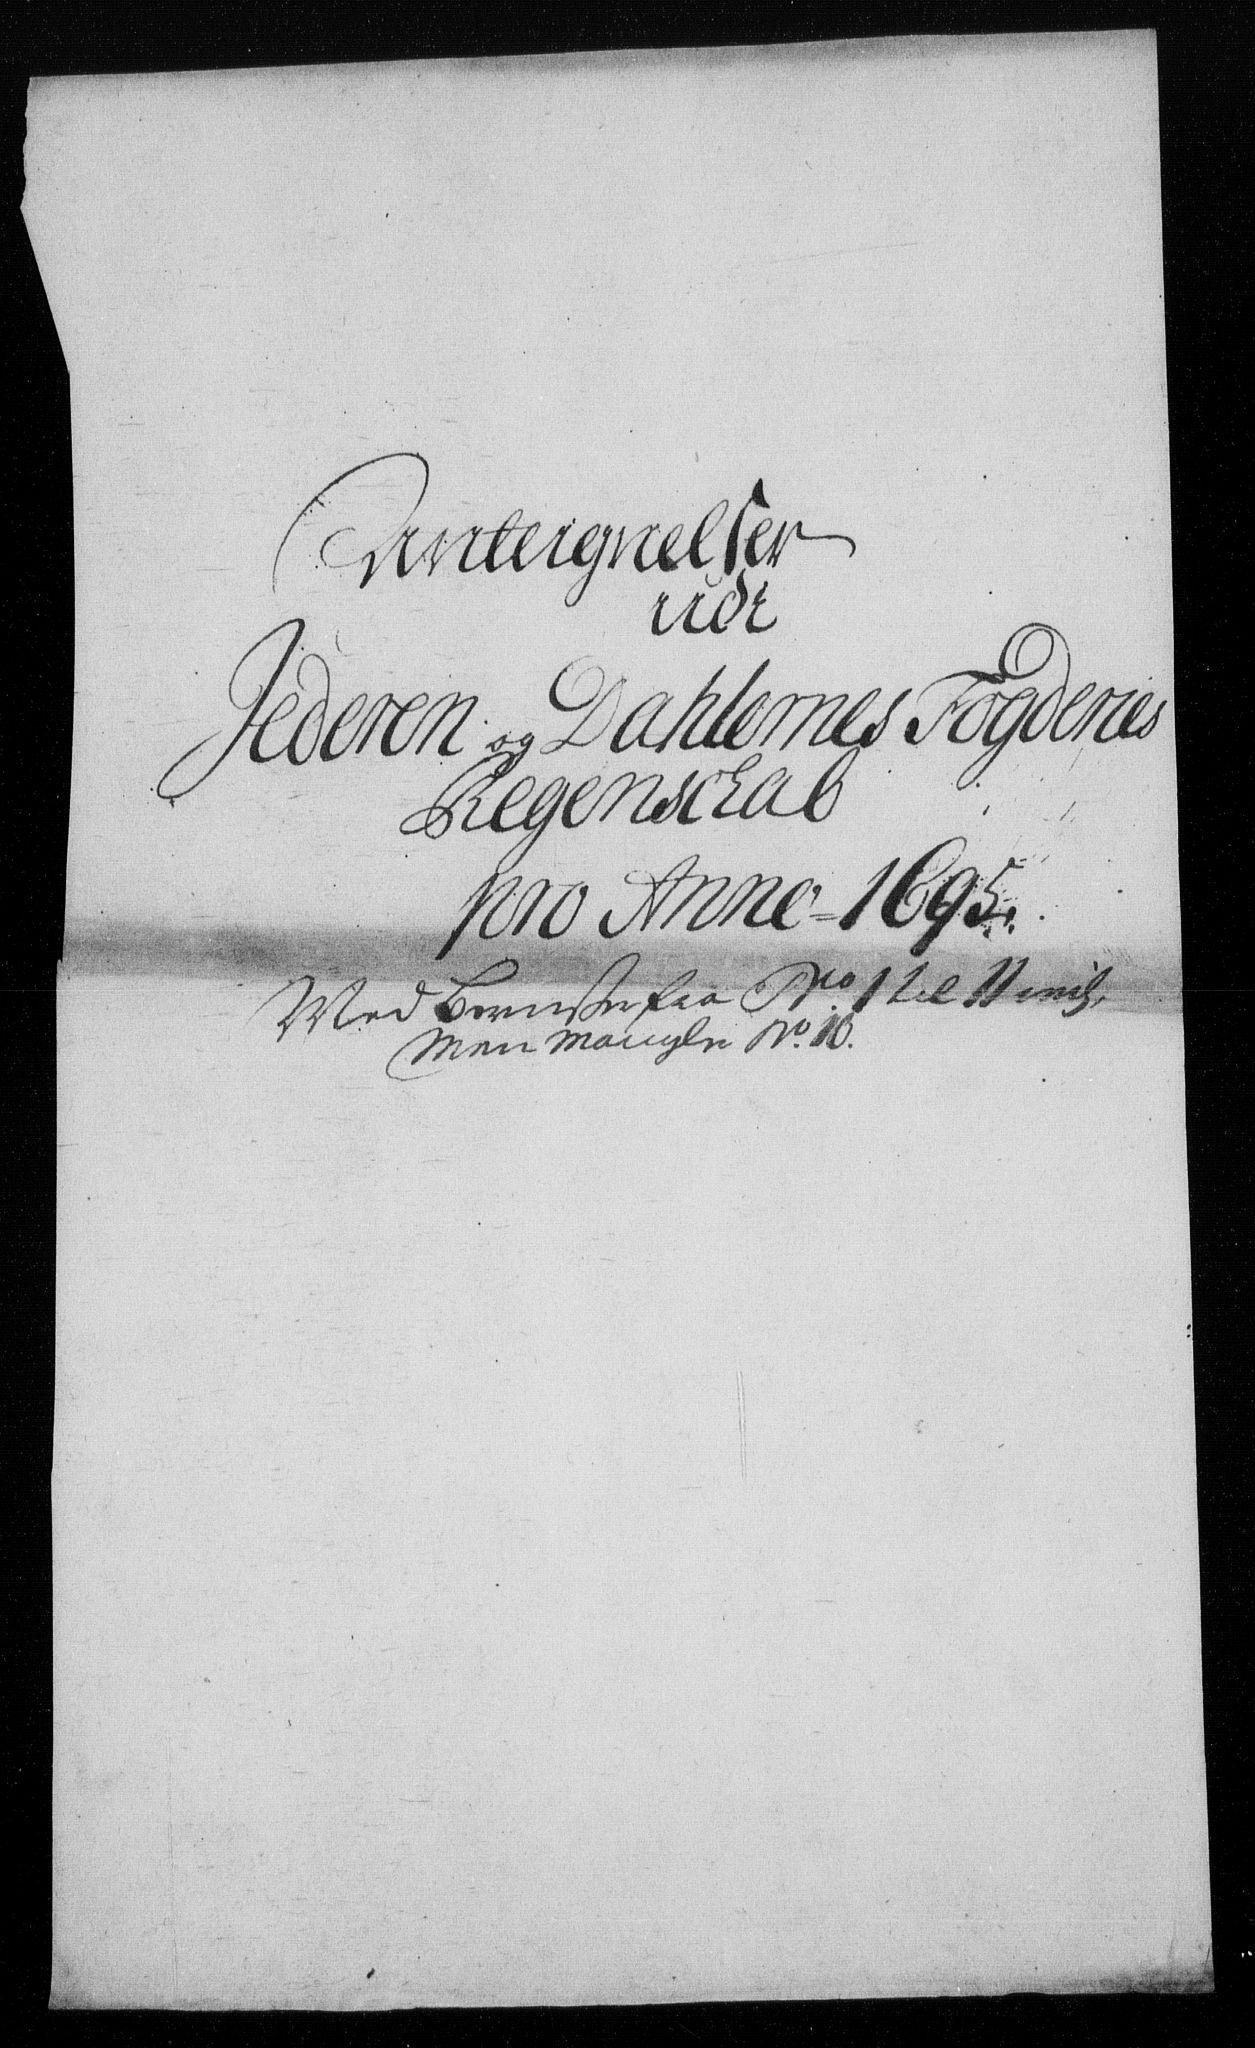 RA, Rentekammeret inntil 1814, Reviderte regnskaper, Fogderegnskap, R46/L2728: Fogderegnskap Jæren og Dalane, 1694-1696, s. 365